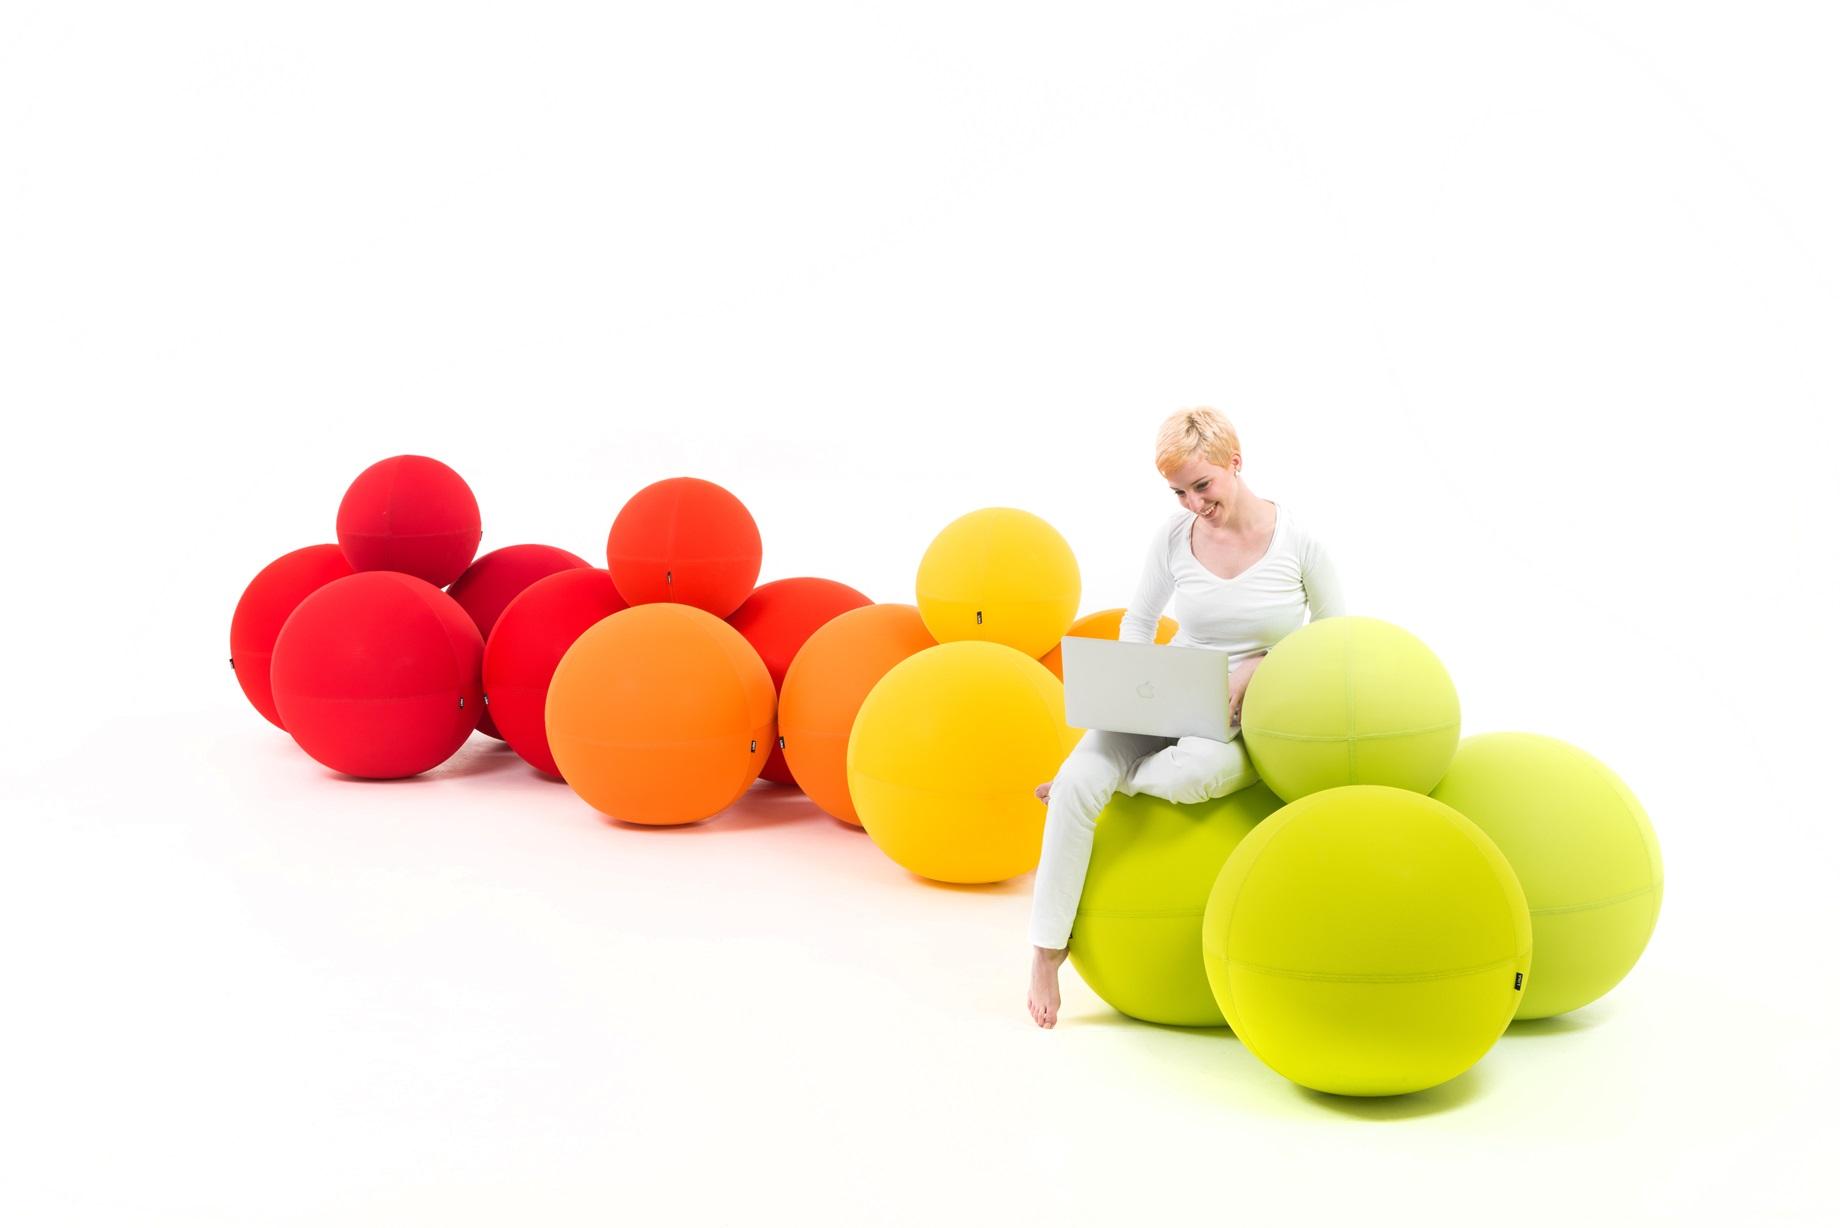 Merveilleux The Ball Modular